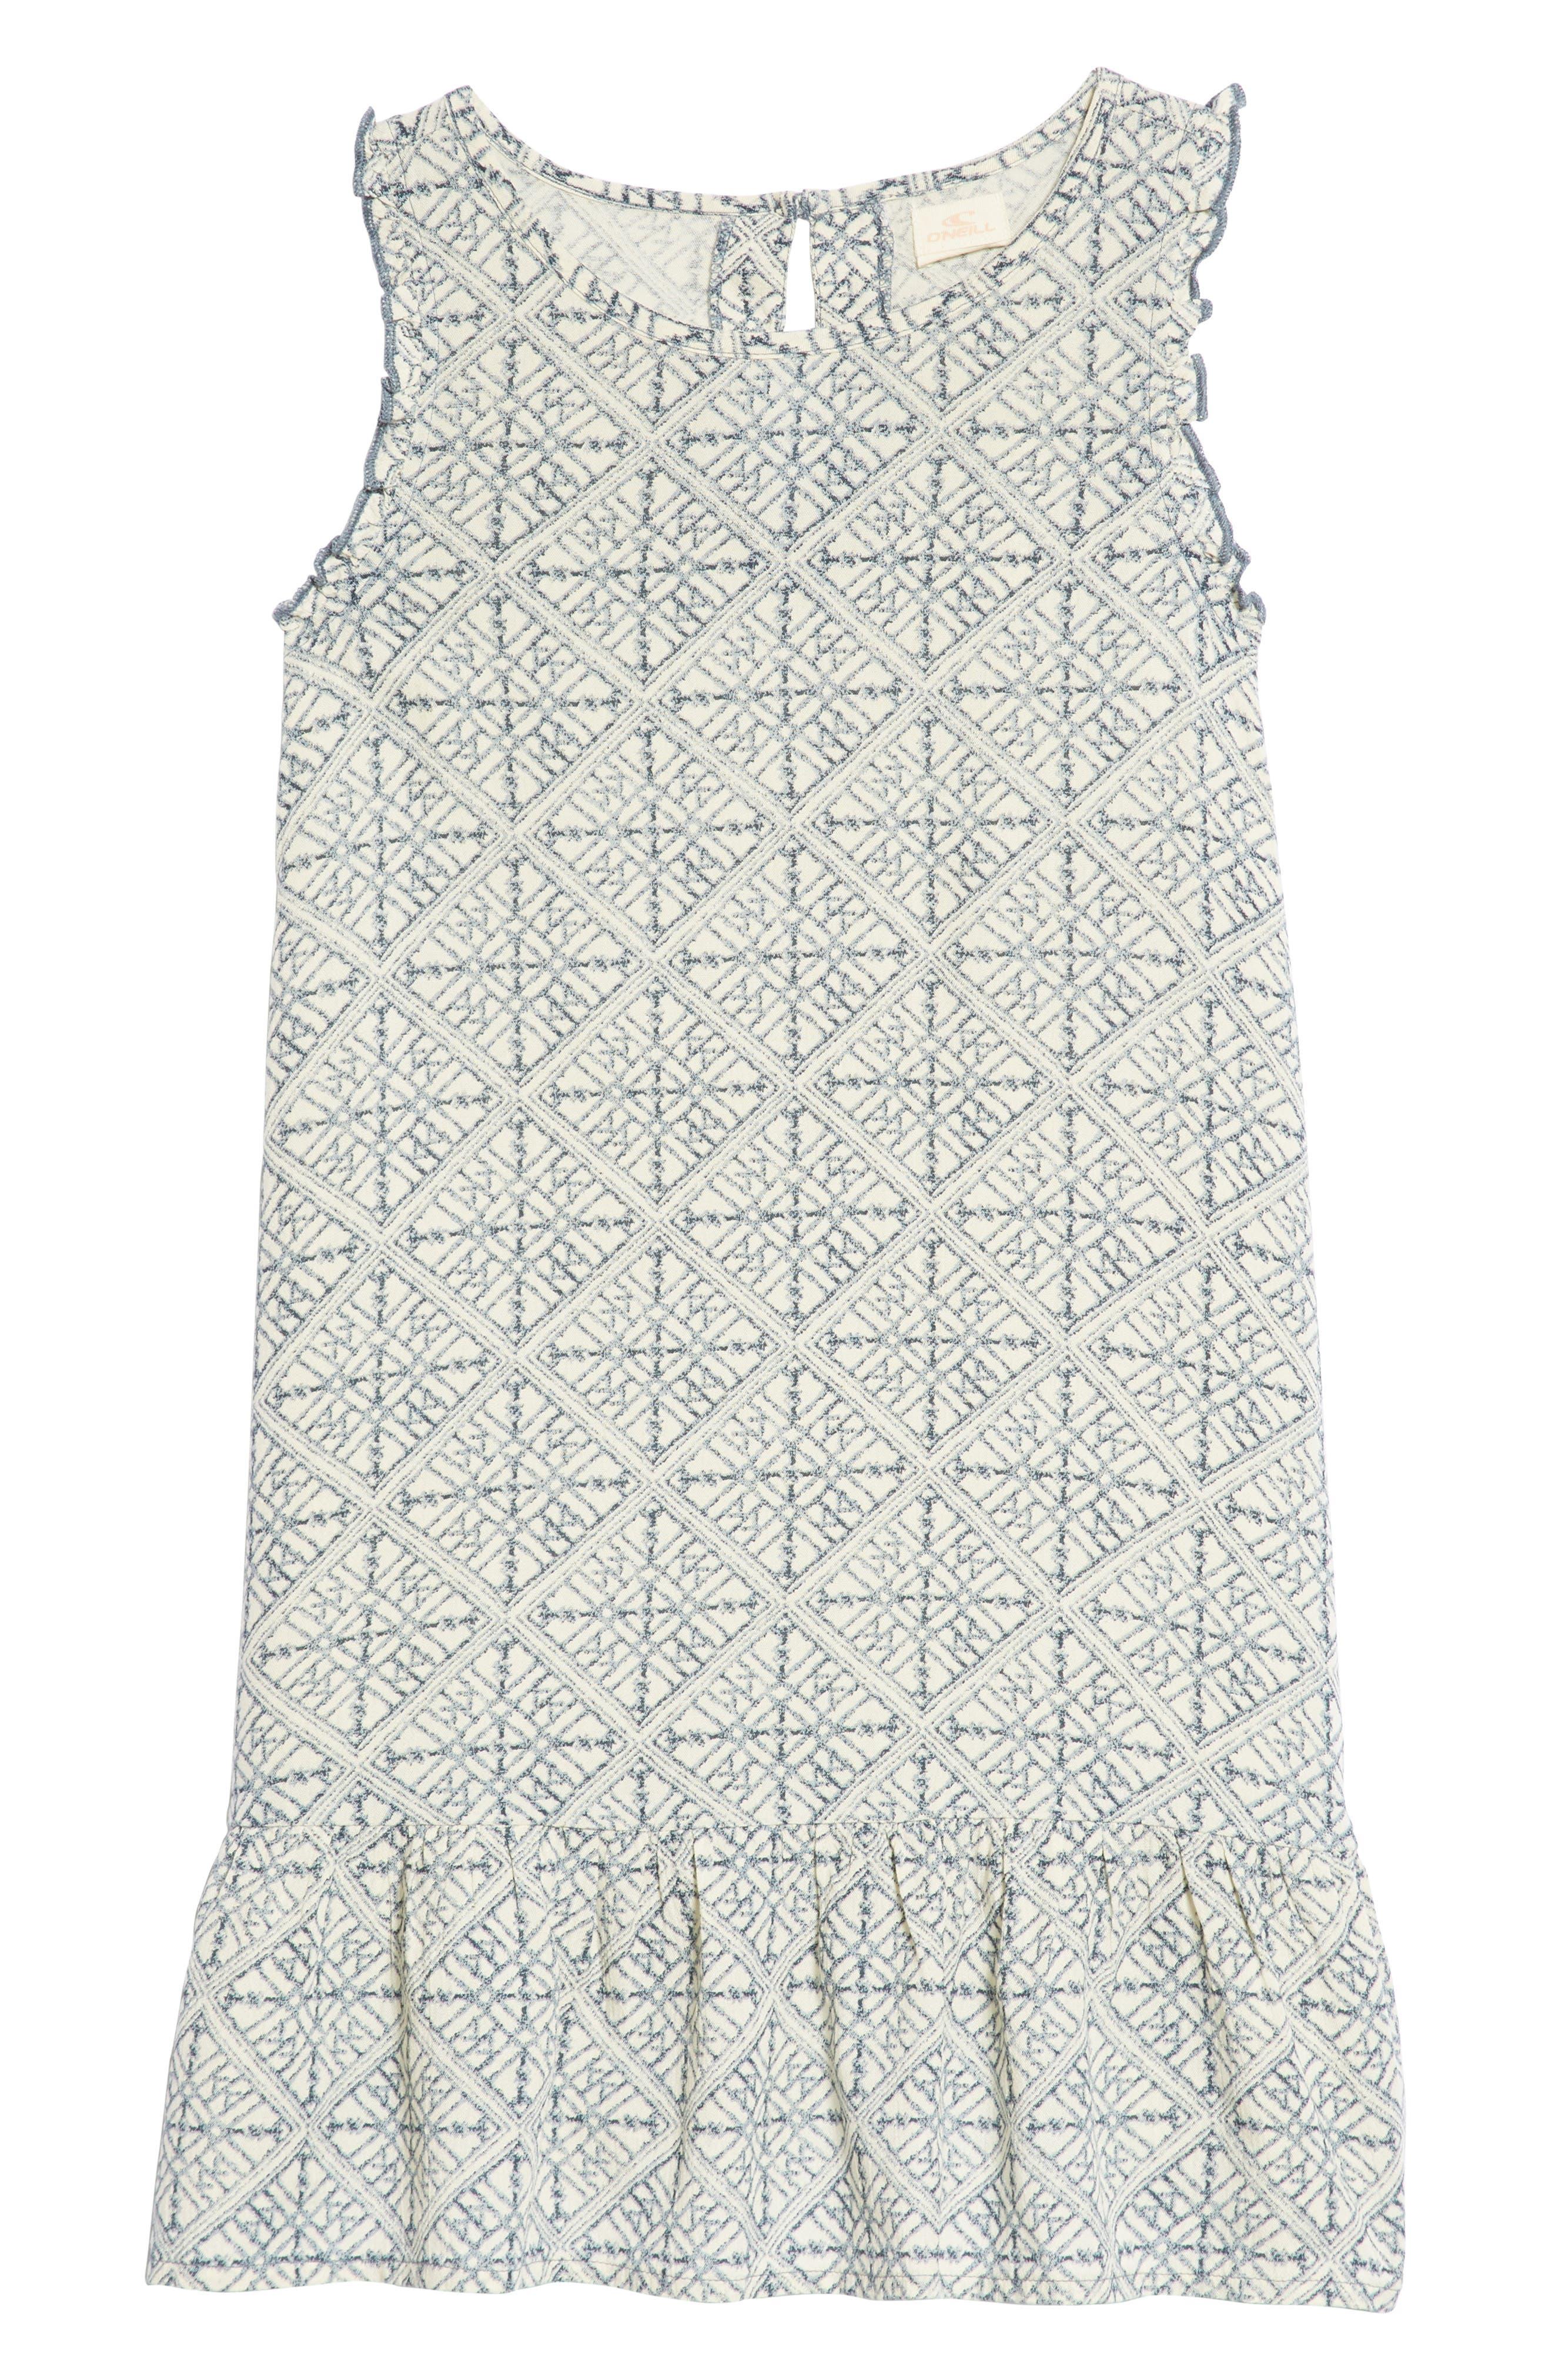 Lani Geo Print Shift Dress,                             Main thumbnail 1, color,                             Eventide